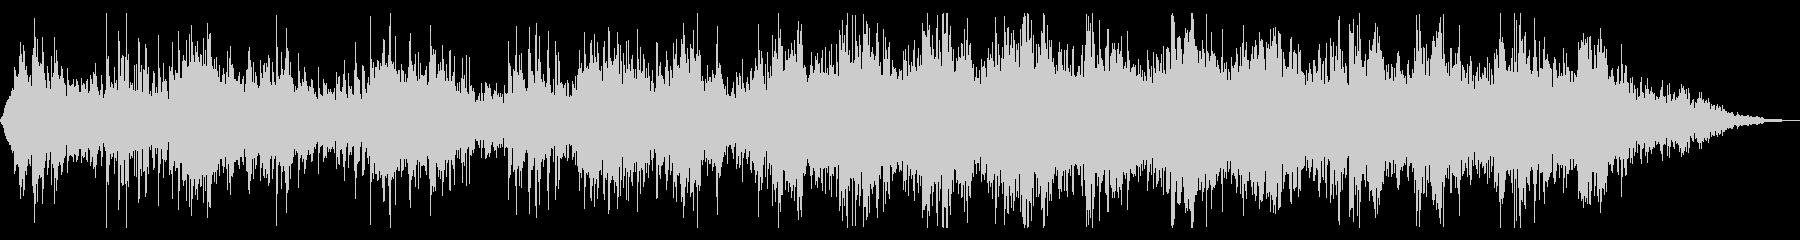 ダーク 不穏 暗い雰囲気 トイピアノの未再生の波形